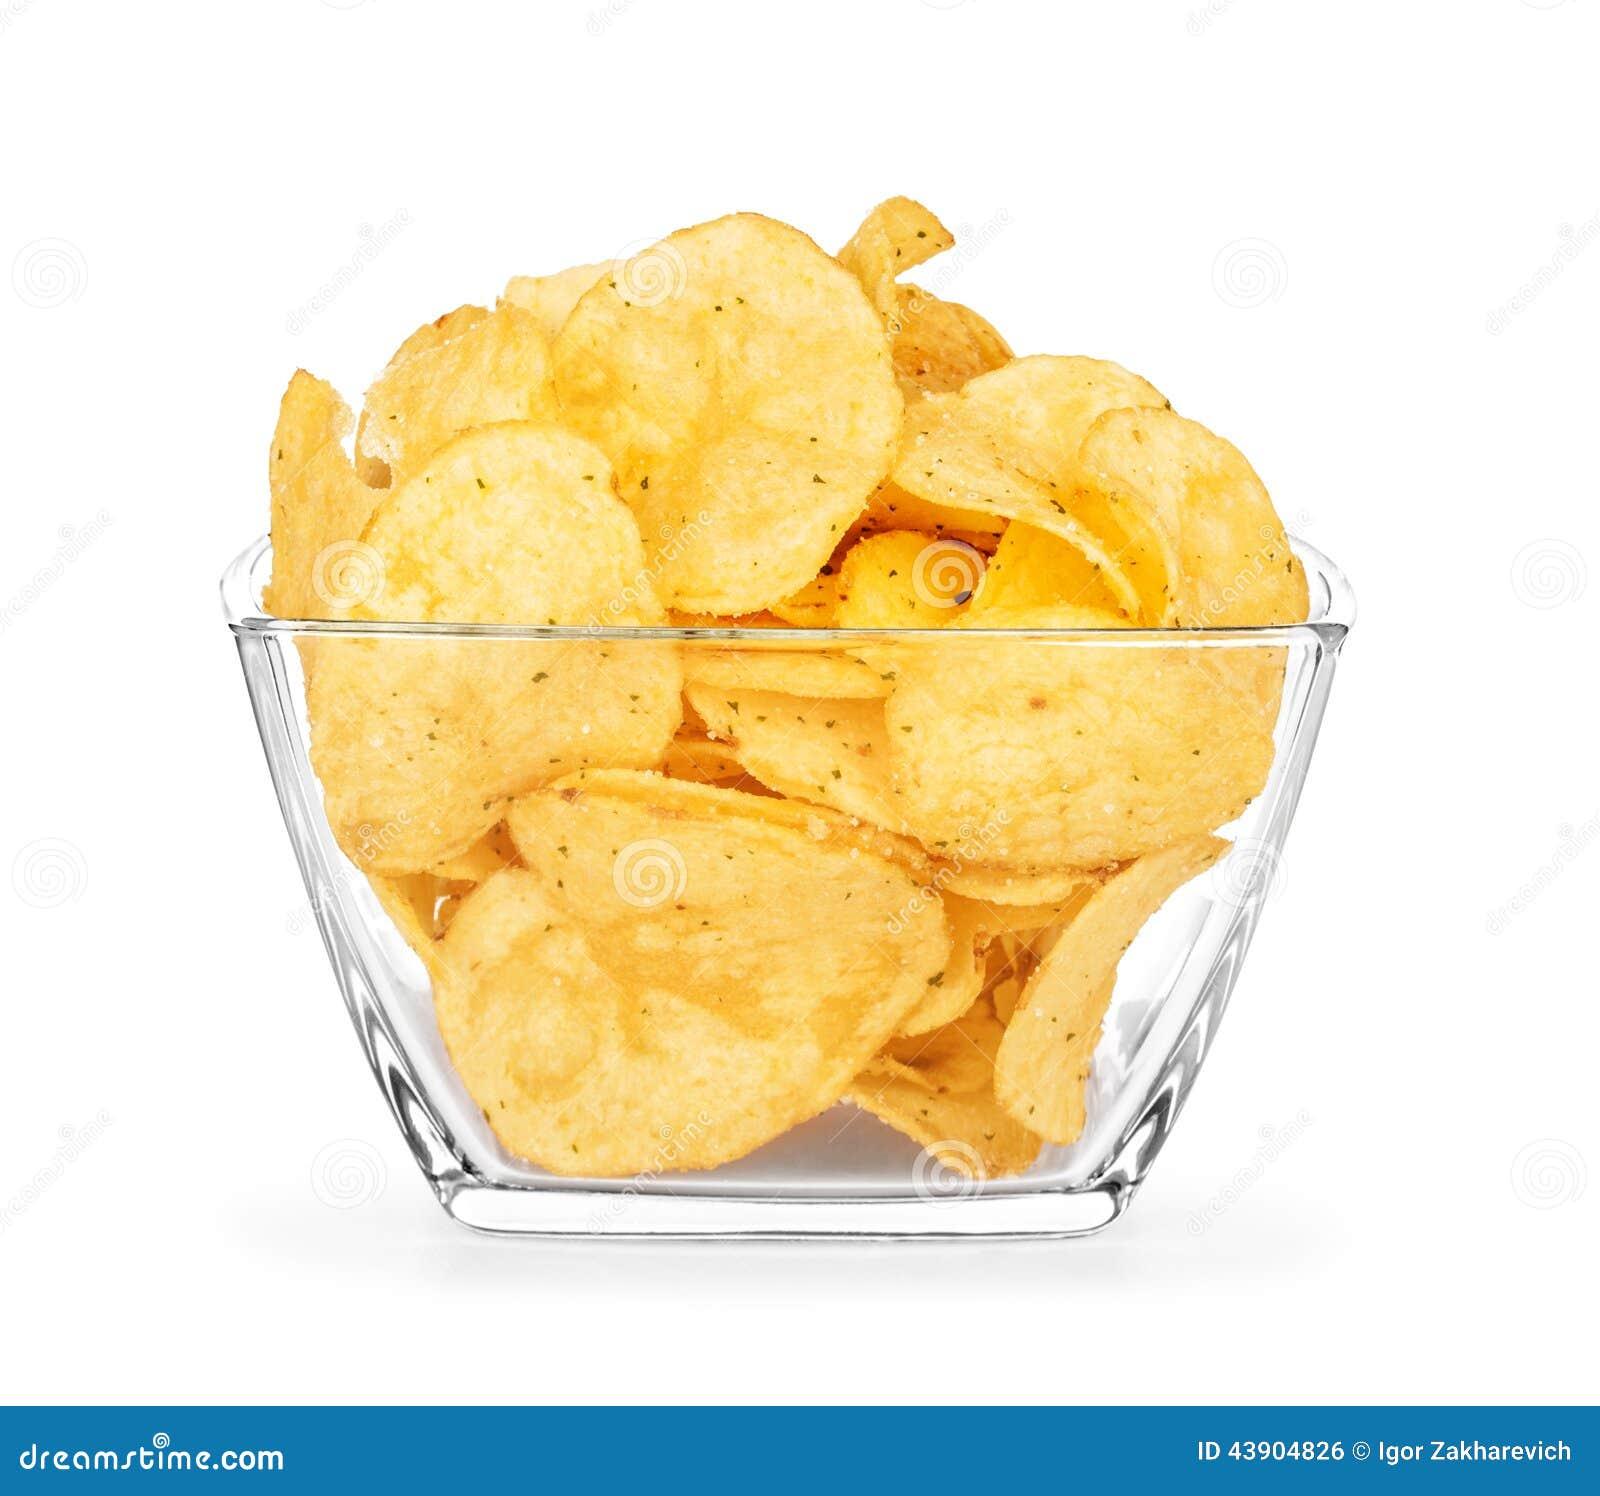 Patatas fritas en un bol de vidrio foto de archivo - Bol de vidrio ...